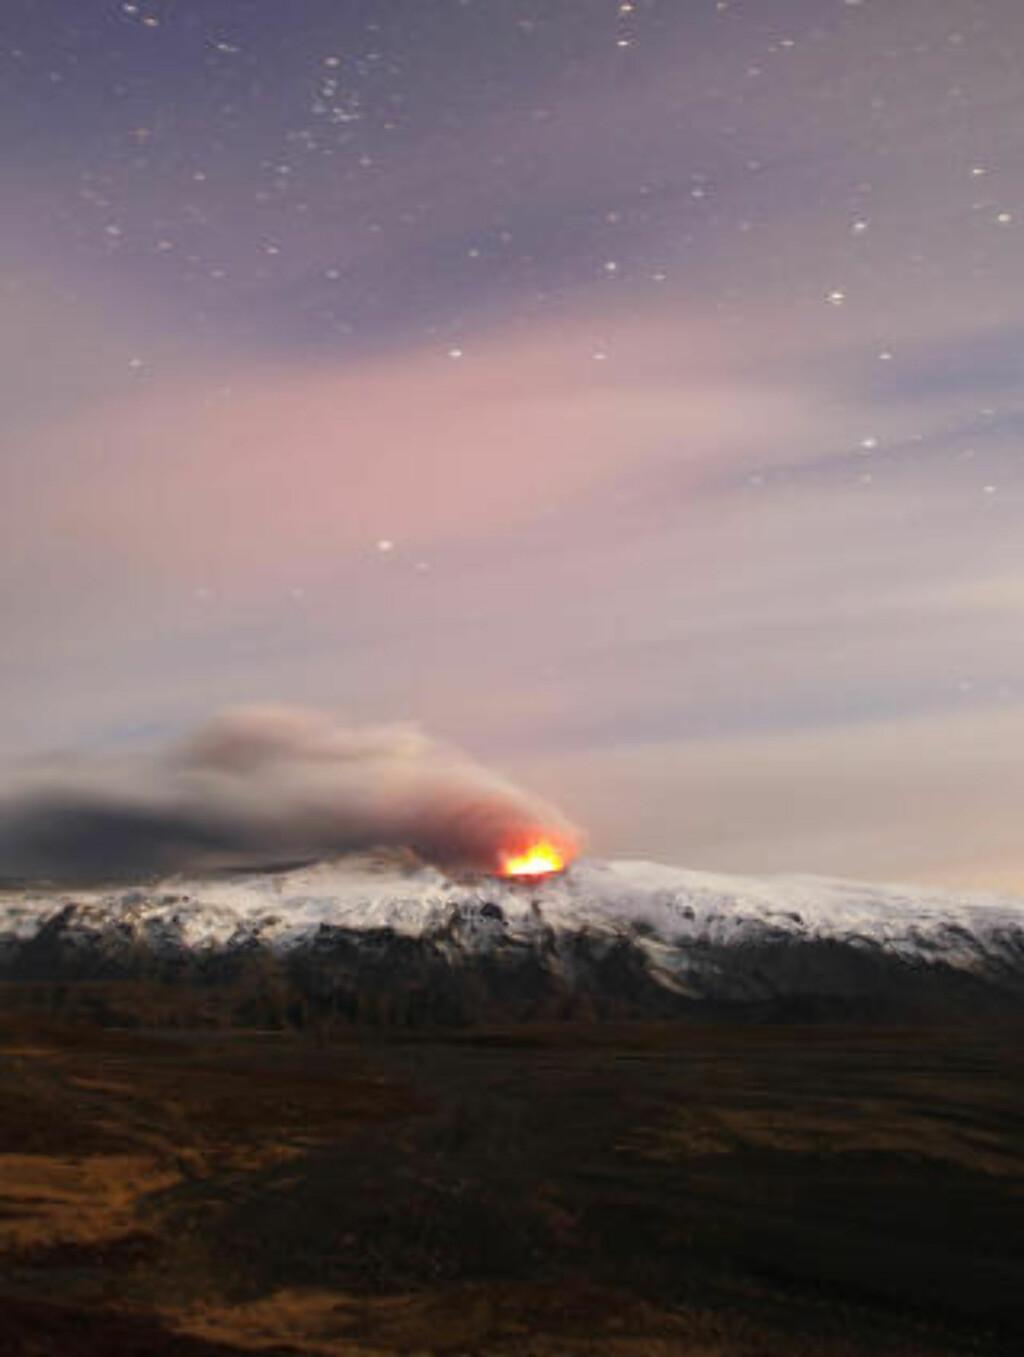 LAMMET EUROPA: Eyjafjallajökull under utbrudd er et malerisk skue, men vulkanen har den siste uka forårsaket enorme problemer for den europeiske flytrafikken. Foto: LUCAS JACKSON/REUTERS/SCANPIX